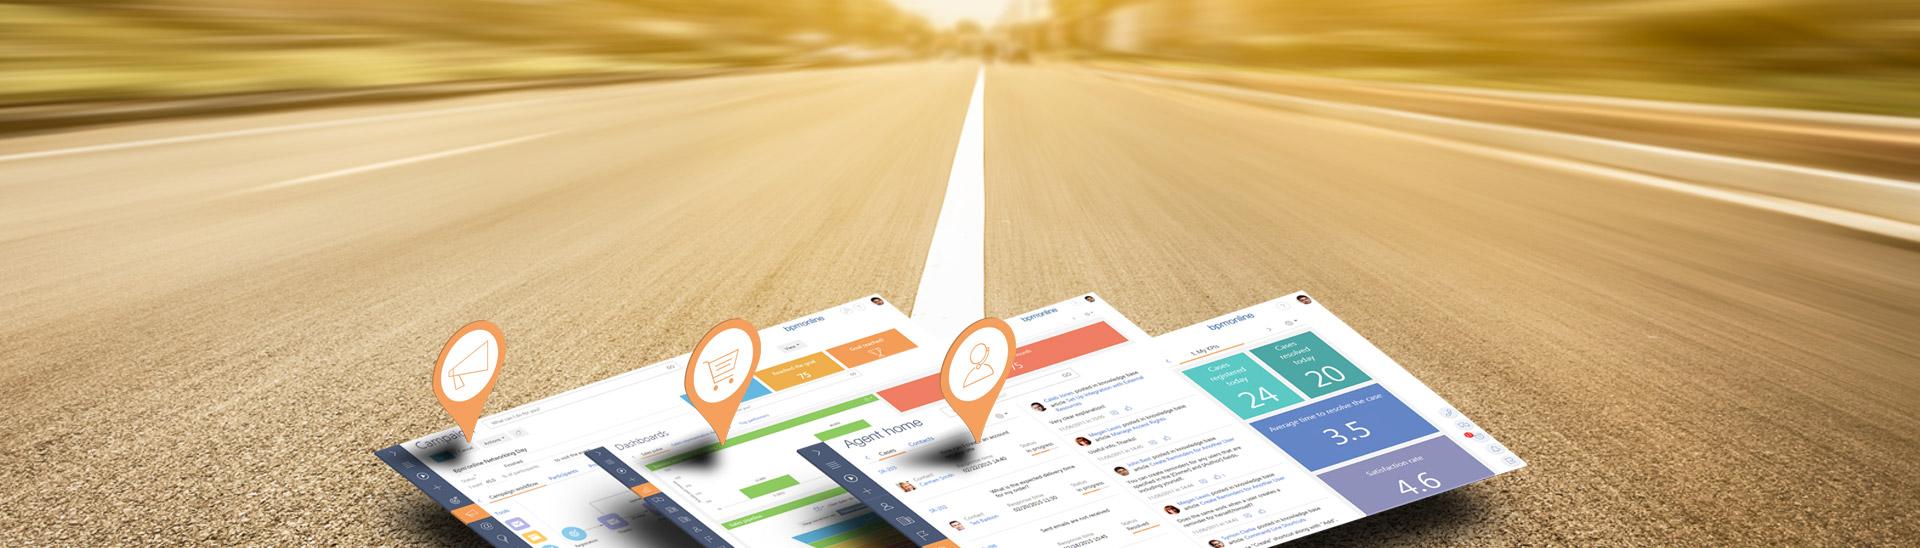 Exepta, de eerste Nederlandse reseller/partner voor het unieke cloudgebaseerde CRM systeem BPM'online.